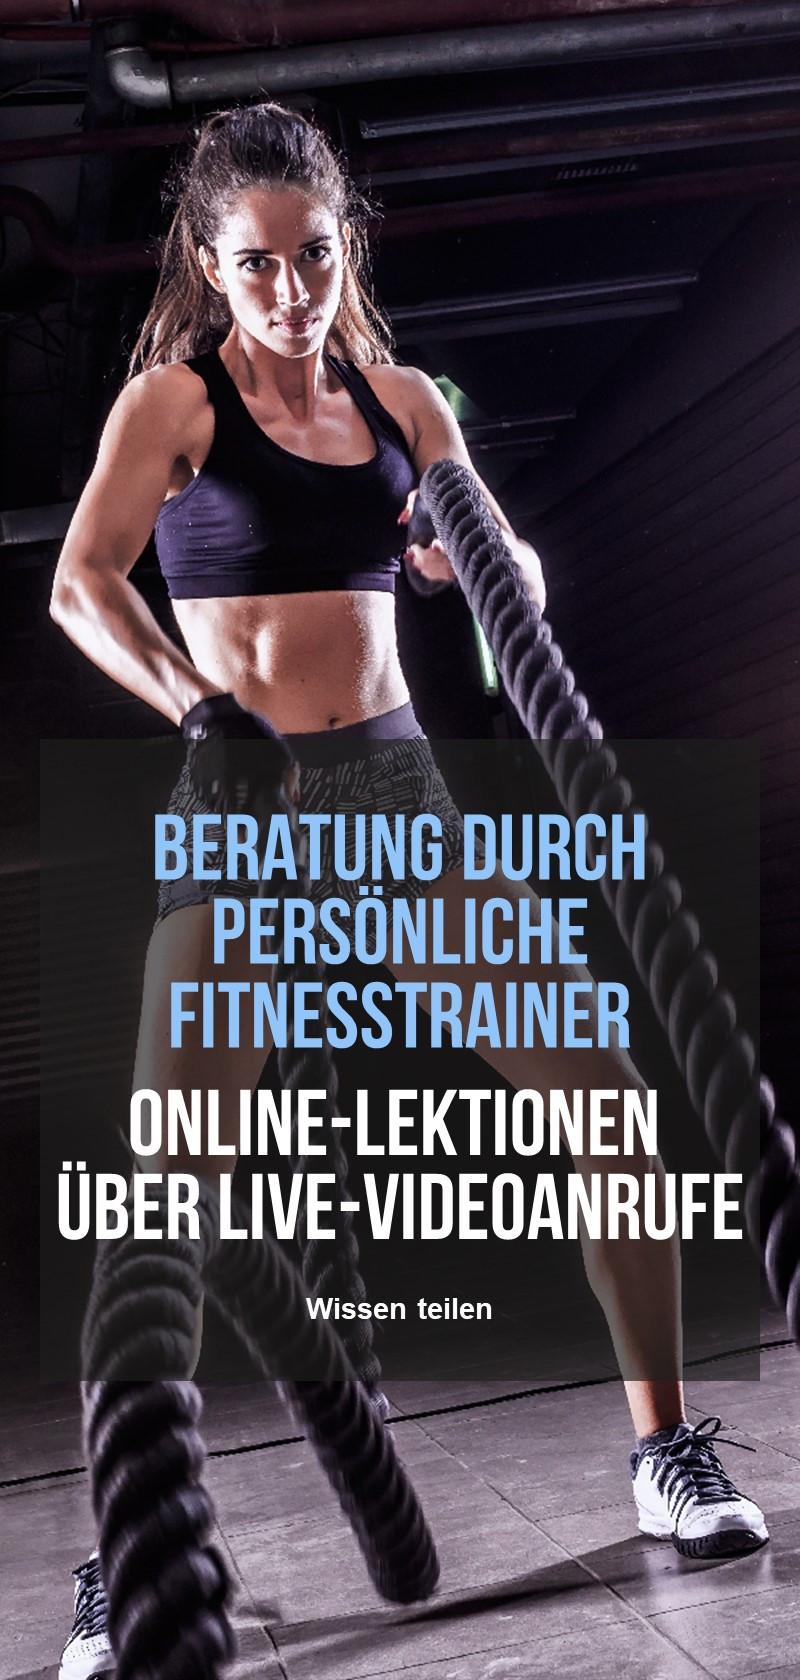 Persönliche Online-Fitness-Trainer